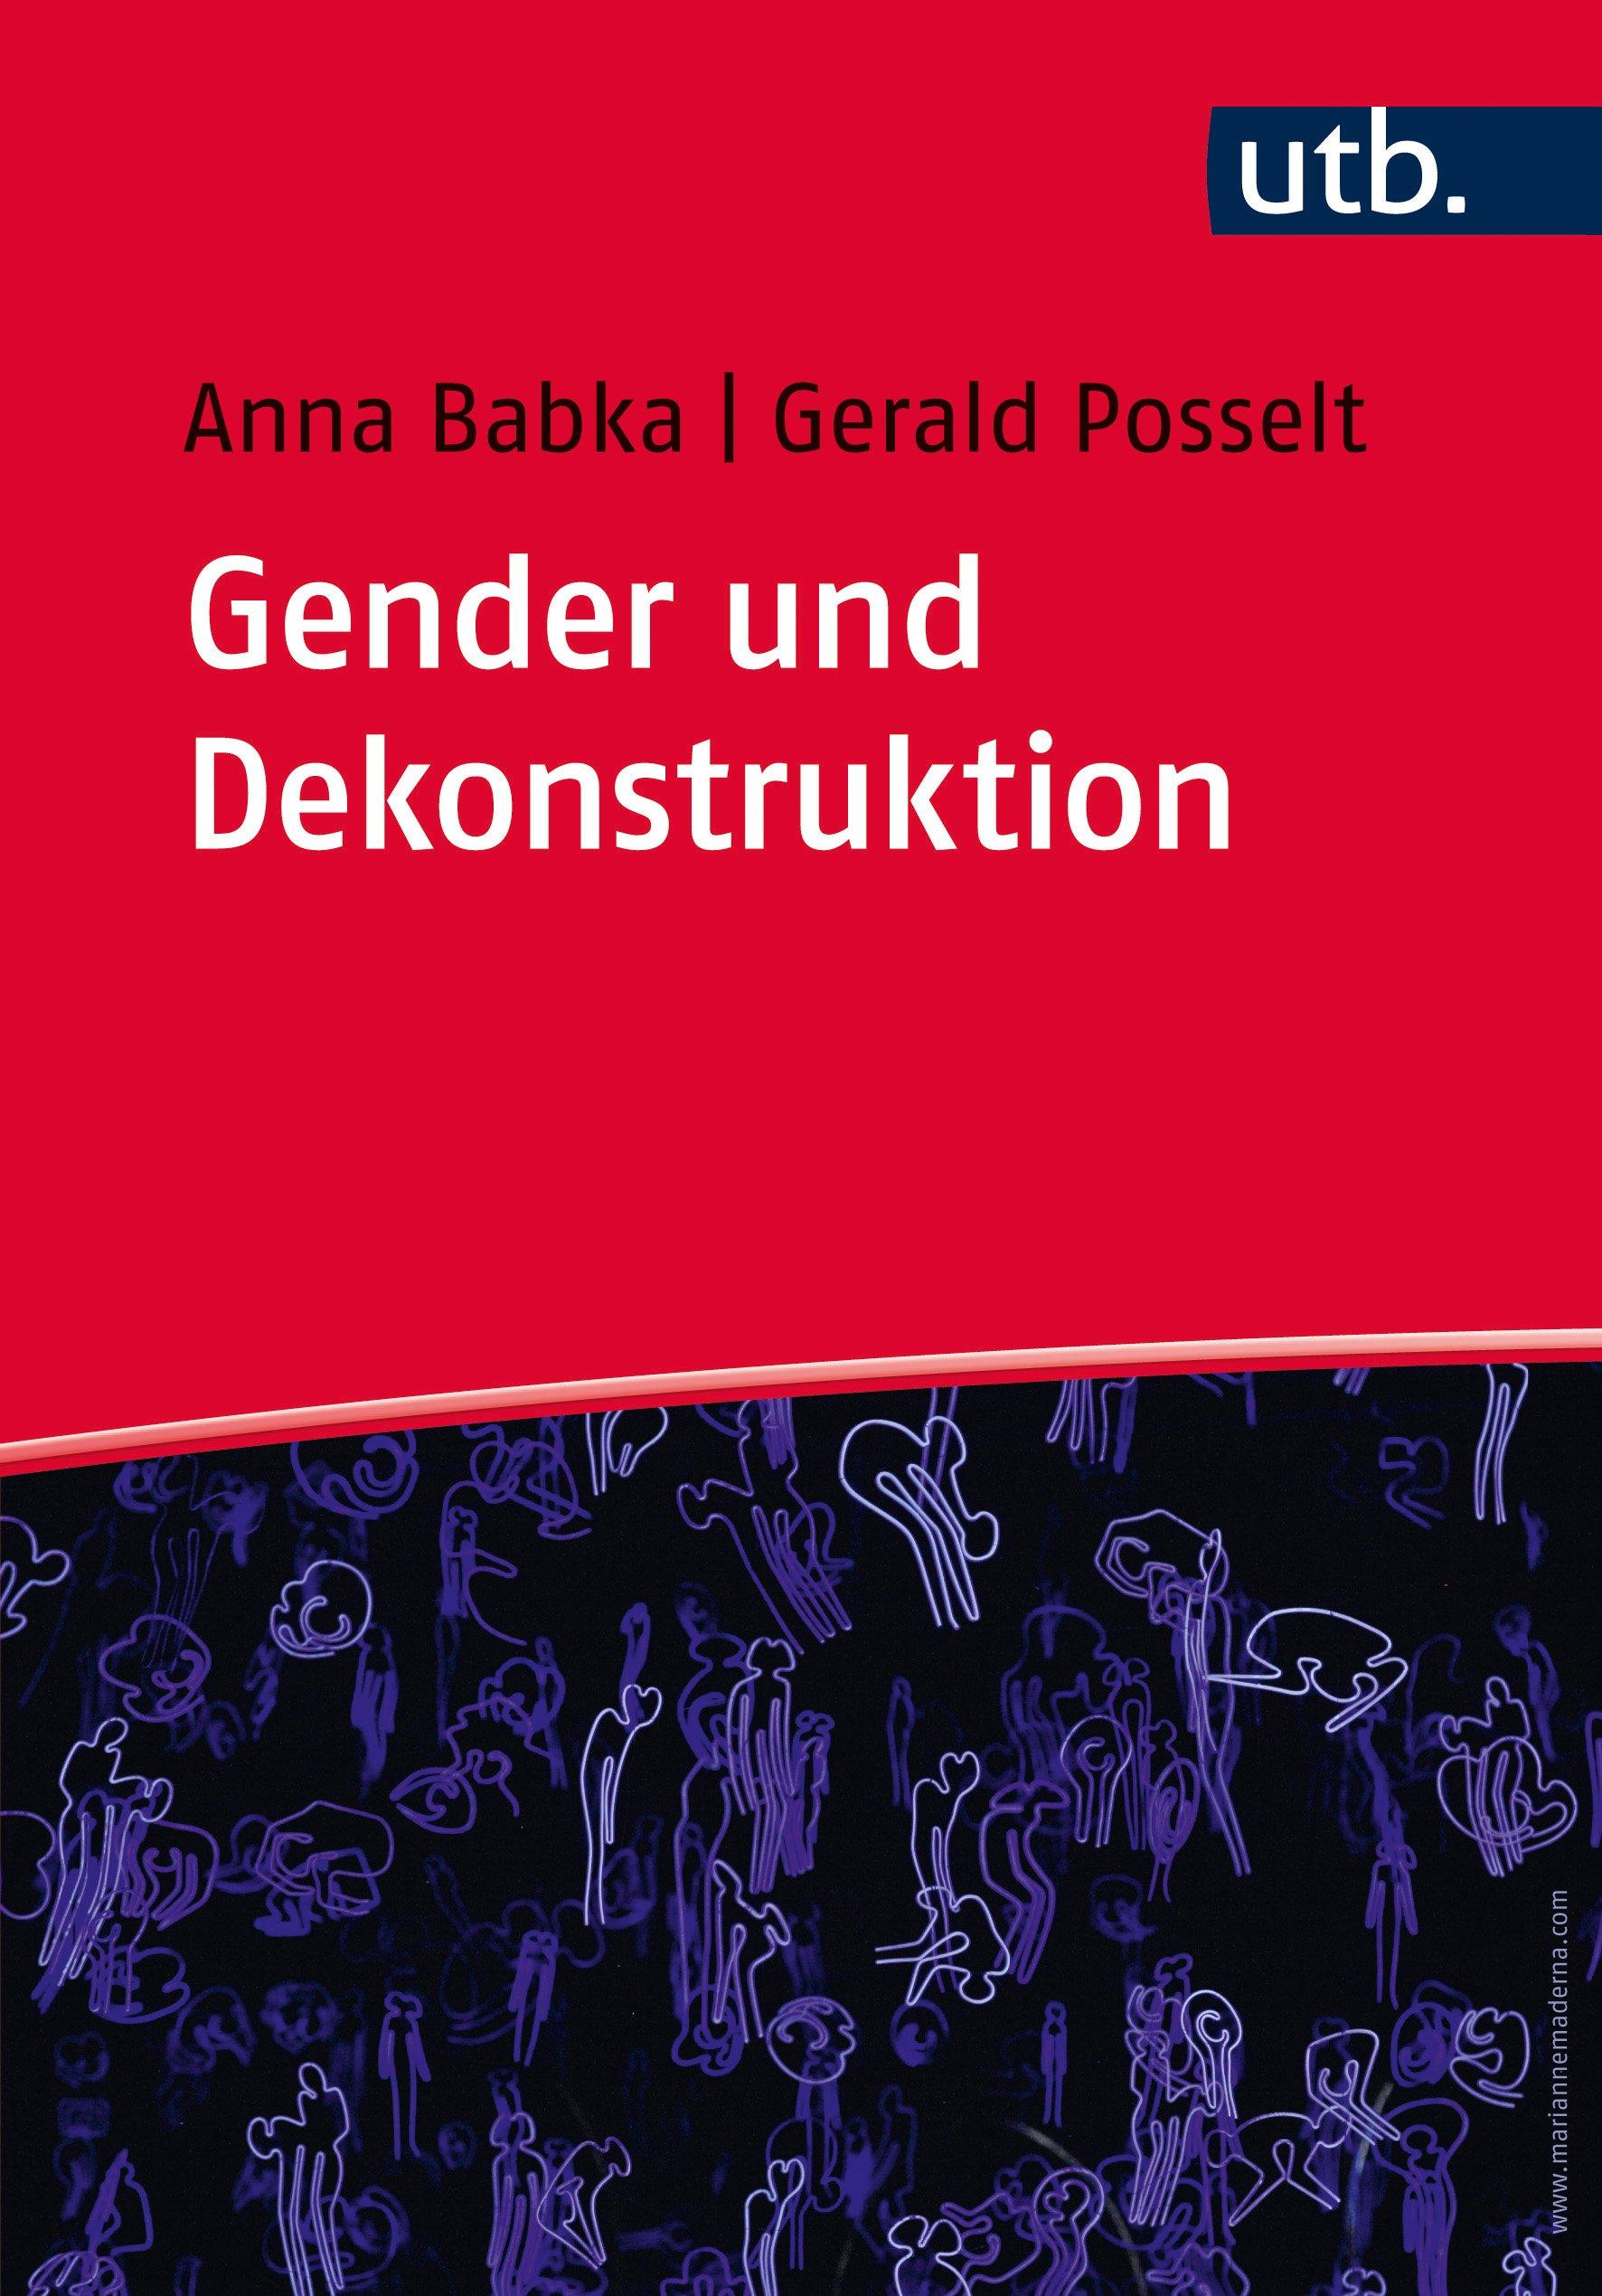 Gender und Dekonstruktion: Begriffe und kommentierte Grundlagentexte der Gender- und Queer-Theorie